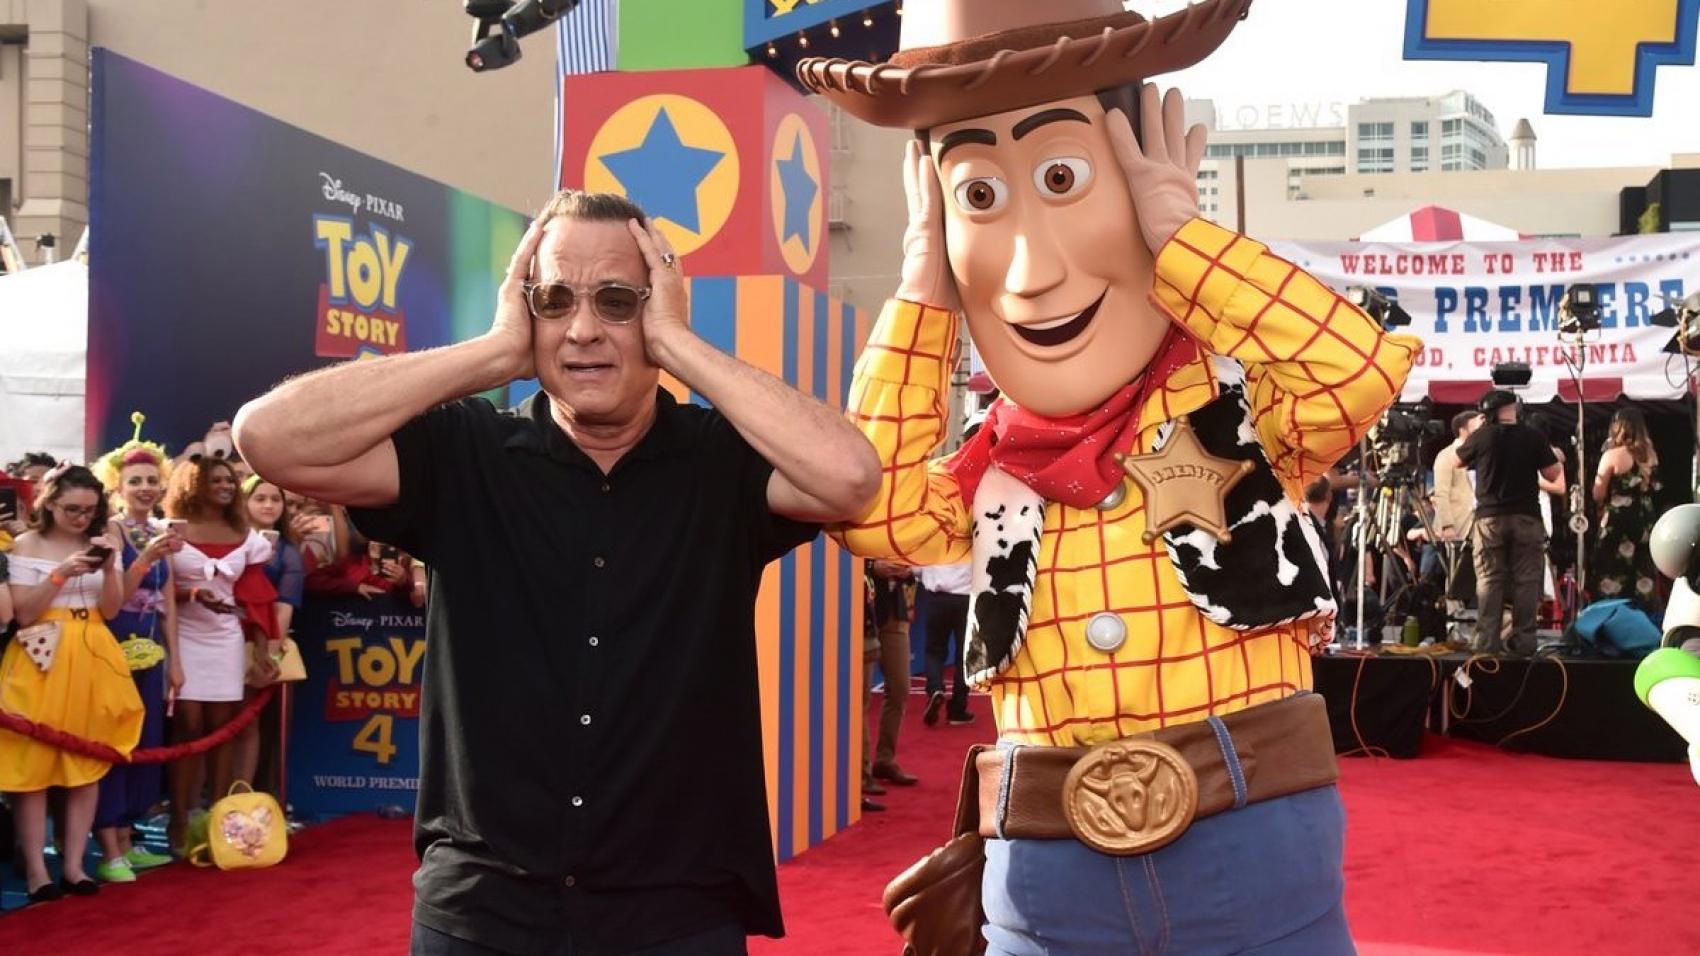 Tom-Hanks-Toy-Story-4